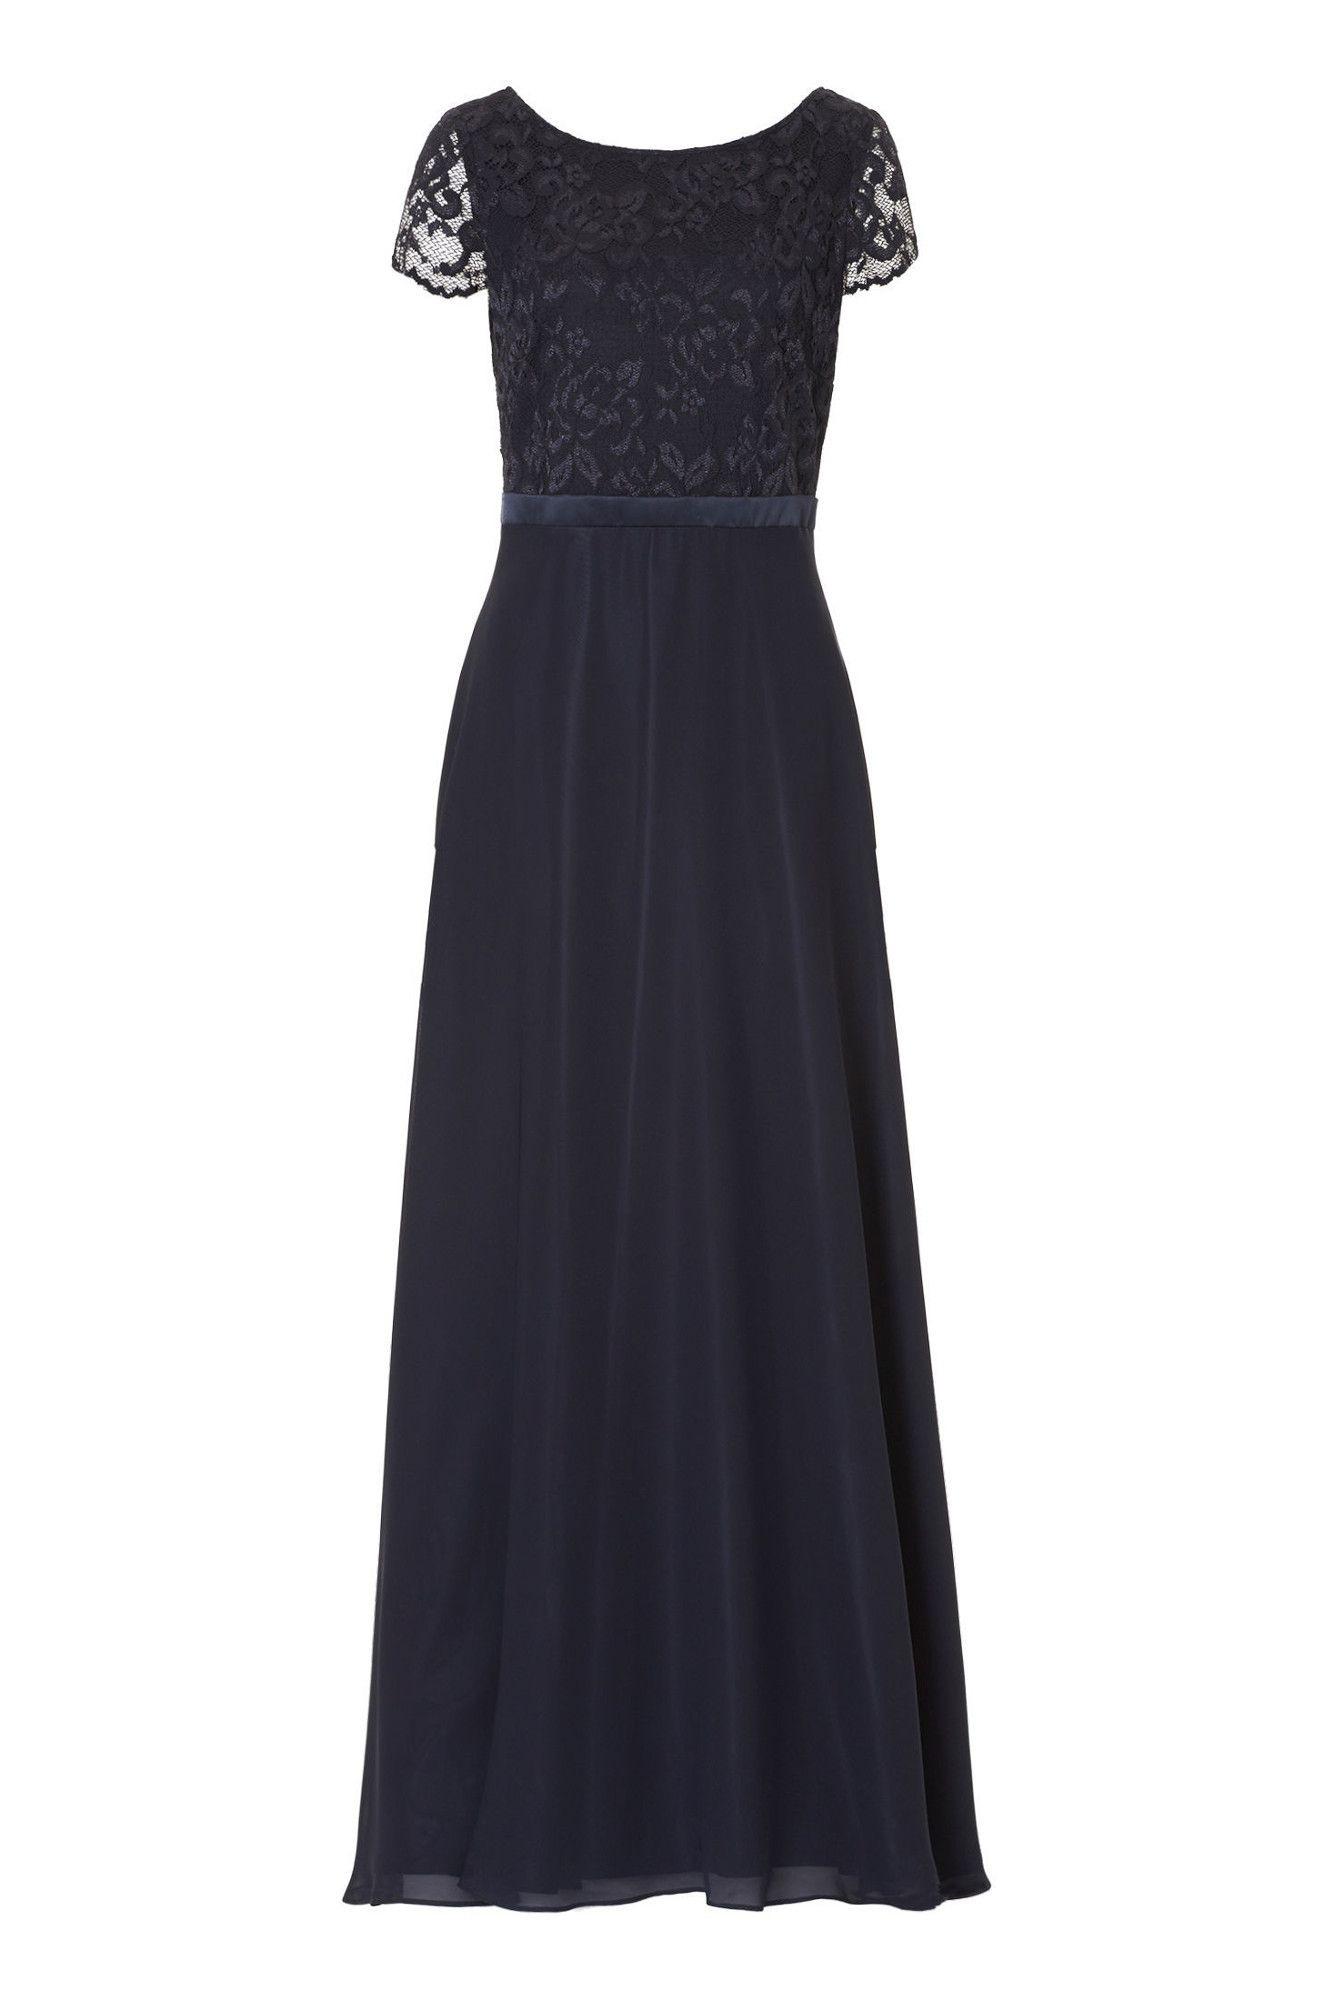 17 Leicht Langes Abendkleid Dunkelblau Boutique15 Genial Langes Abendkleid Dunkelblau Design